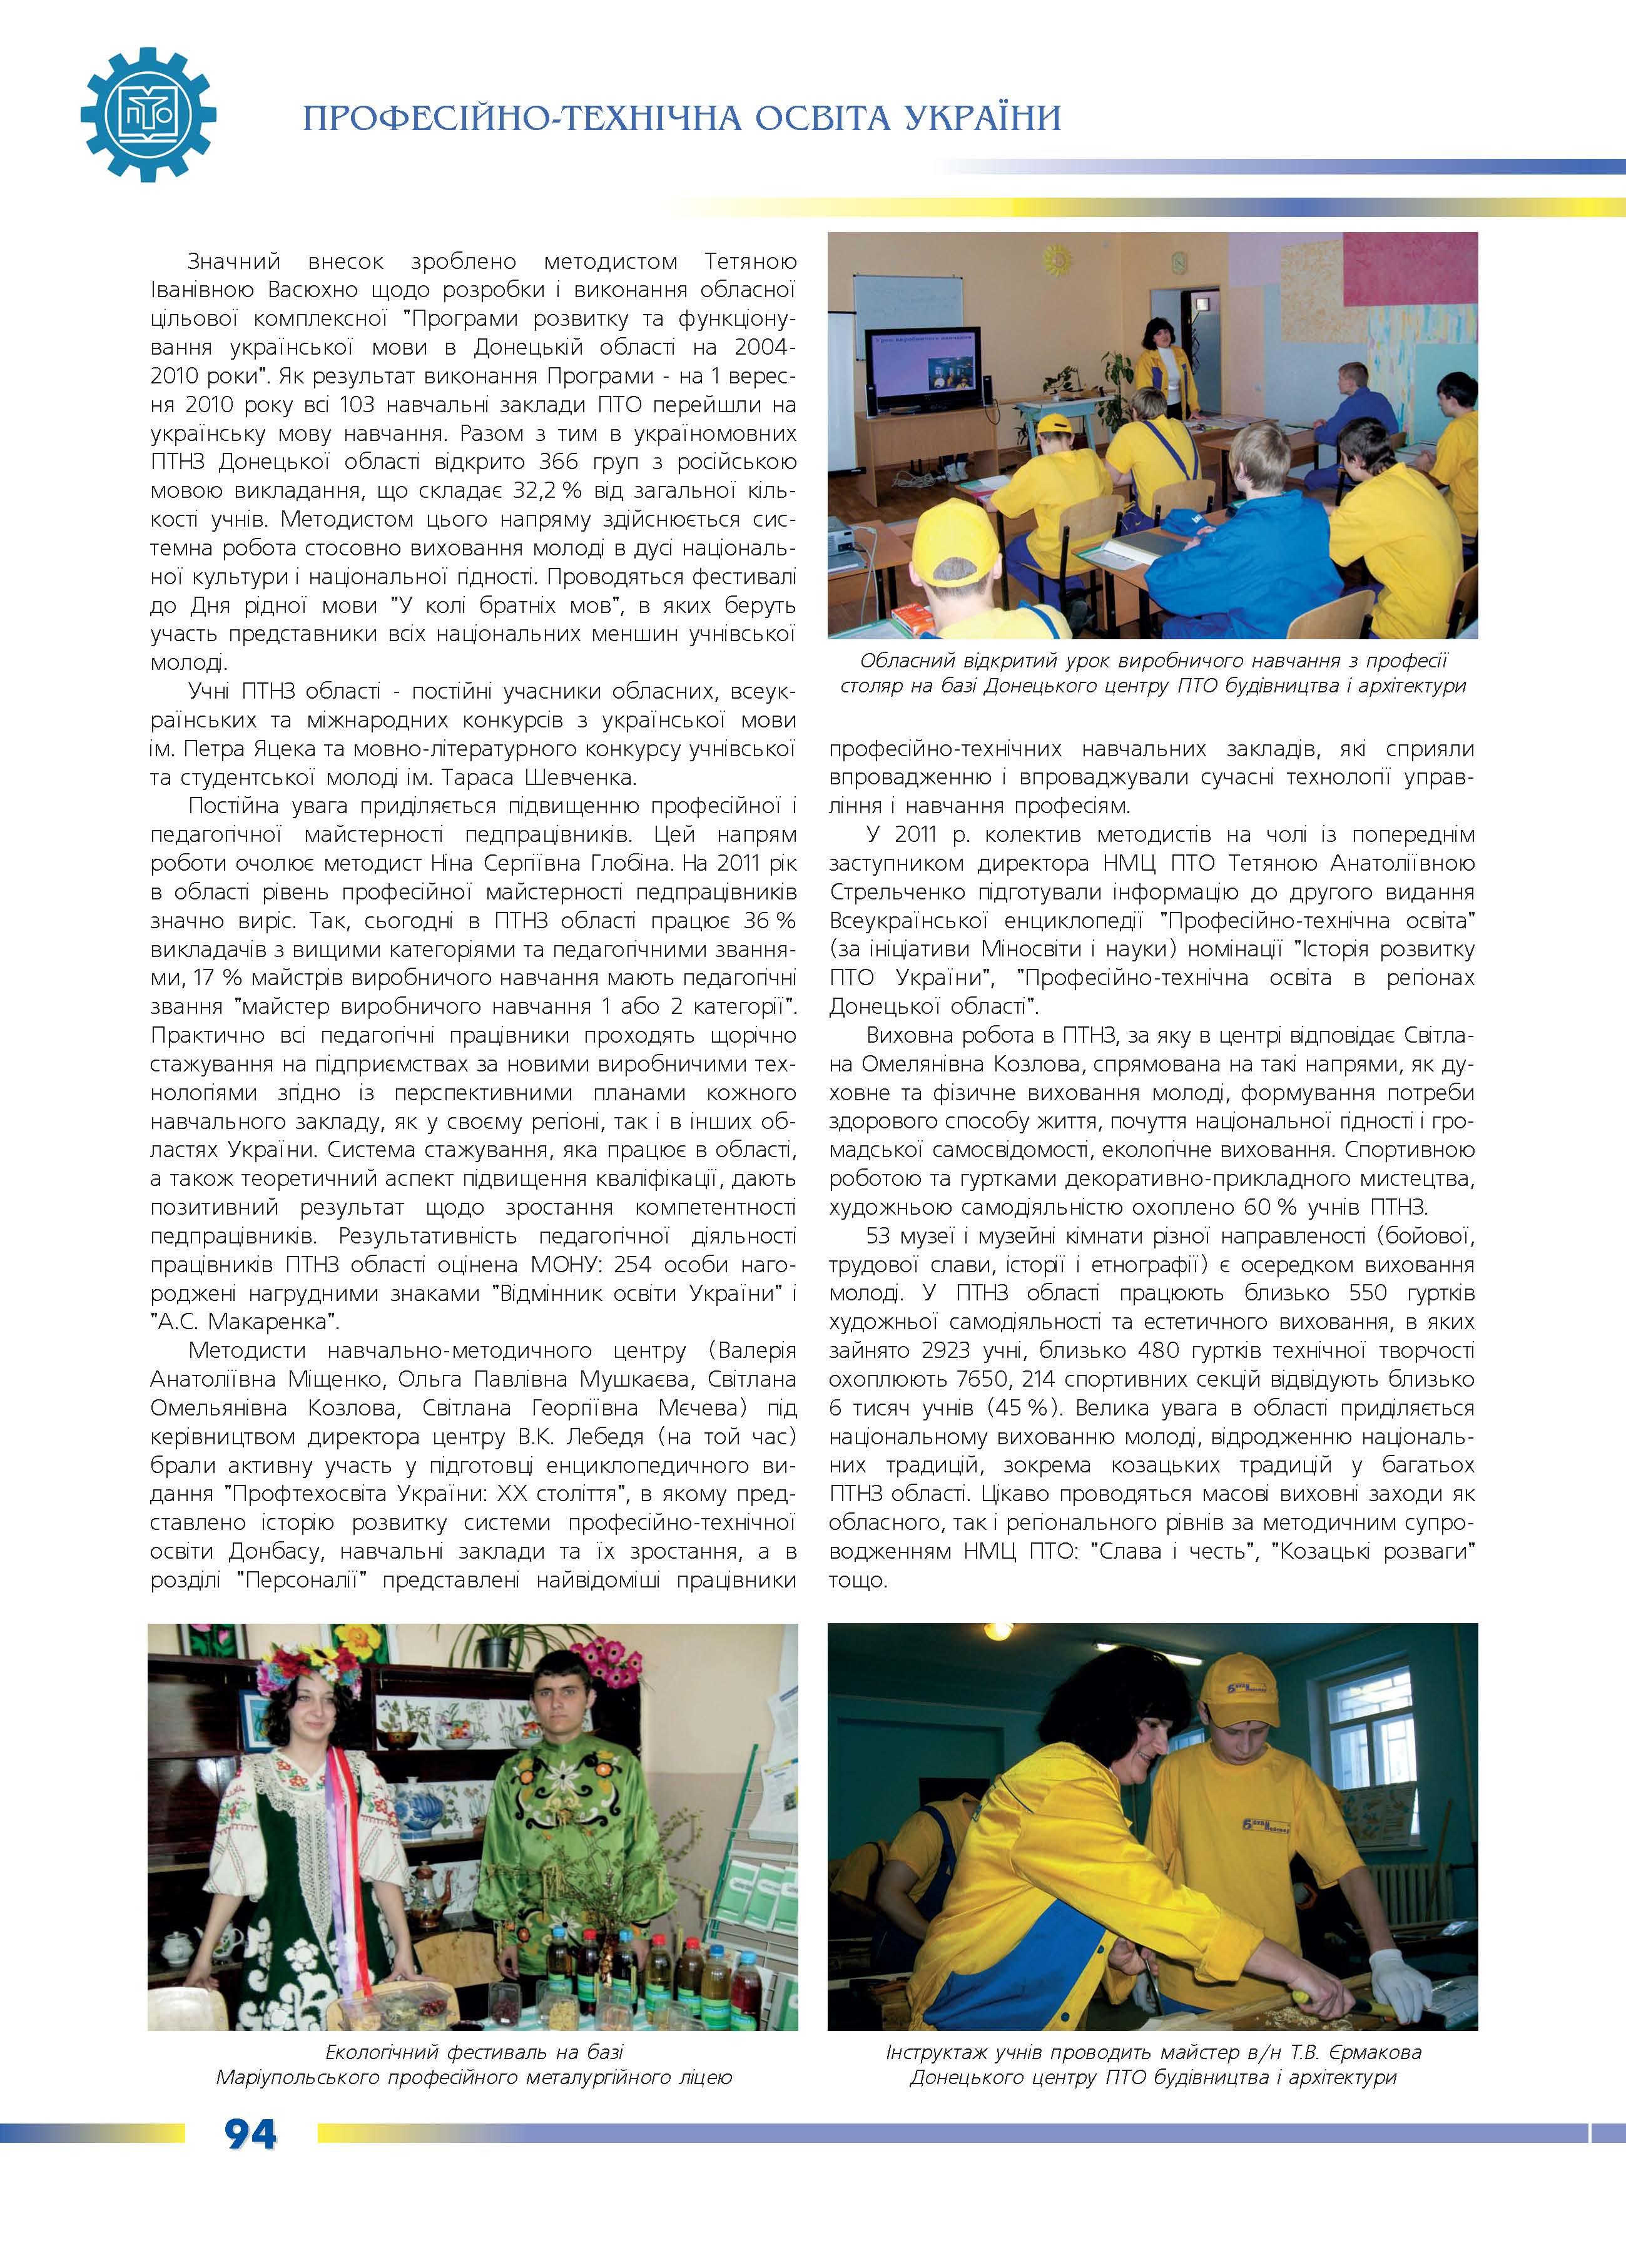 Навчально-методичний центр професійно-технічної освіти у Донецькій області